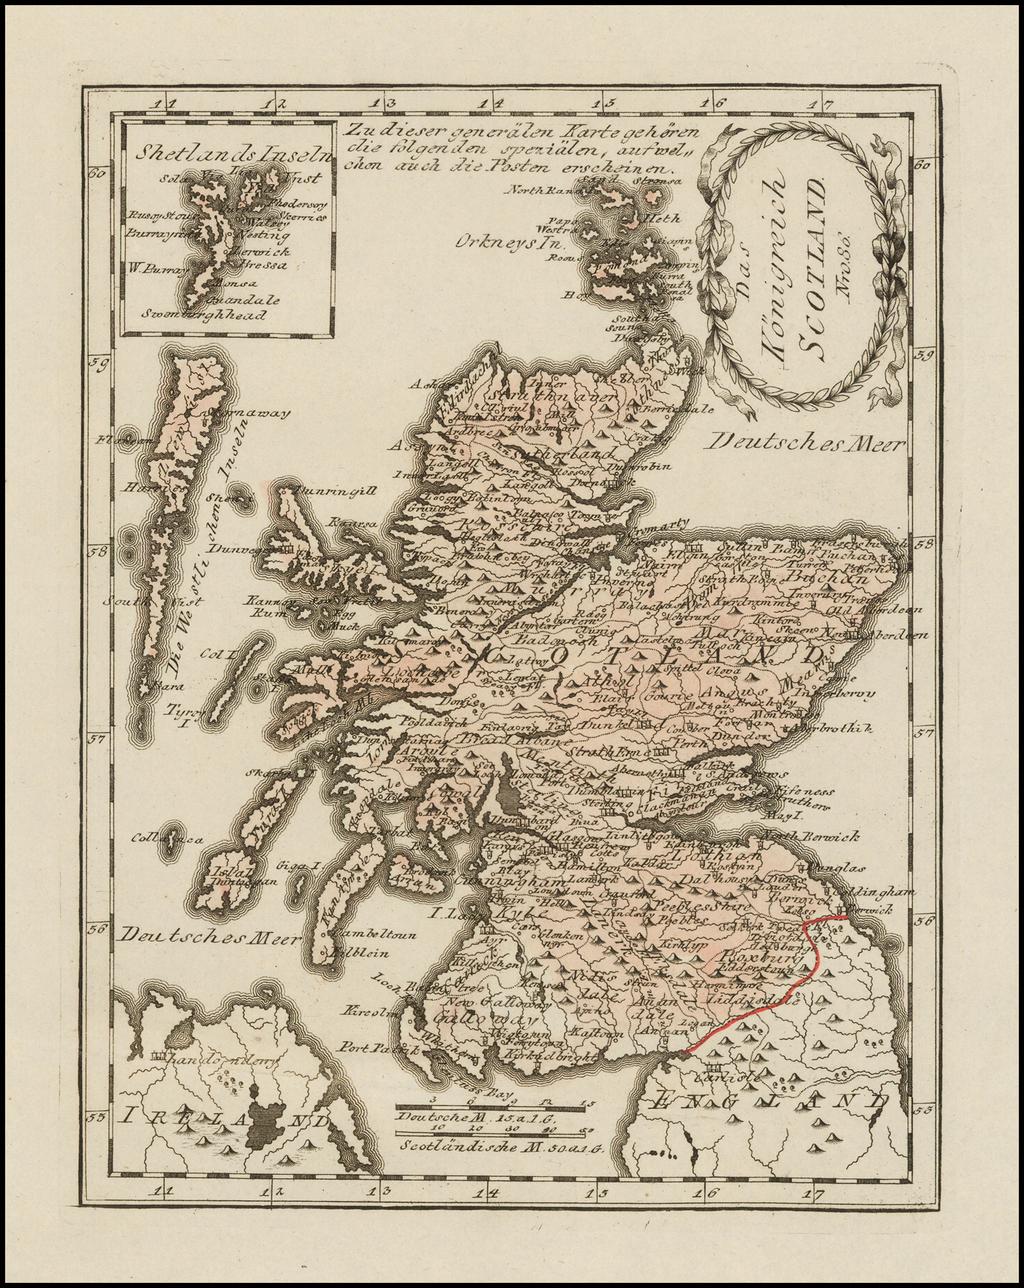 Das Konigreich Scotland By Franz Johann Joseph von Reilly